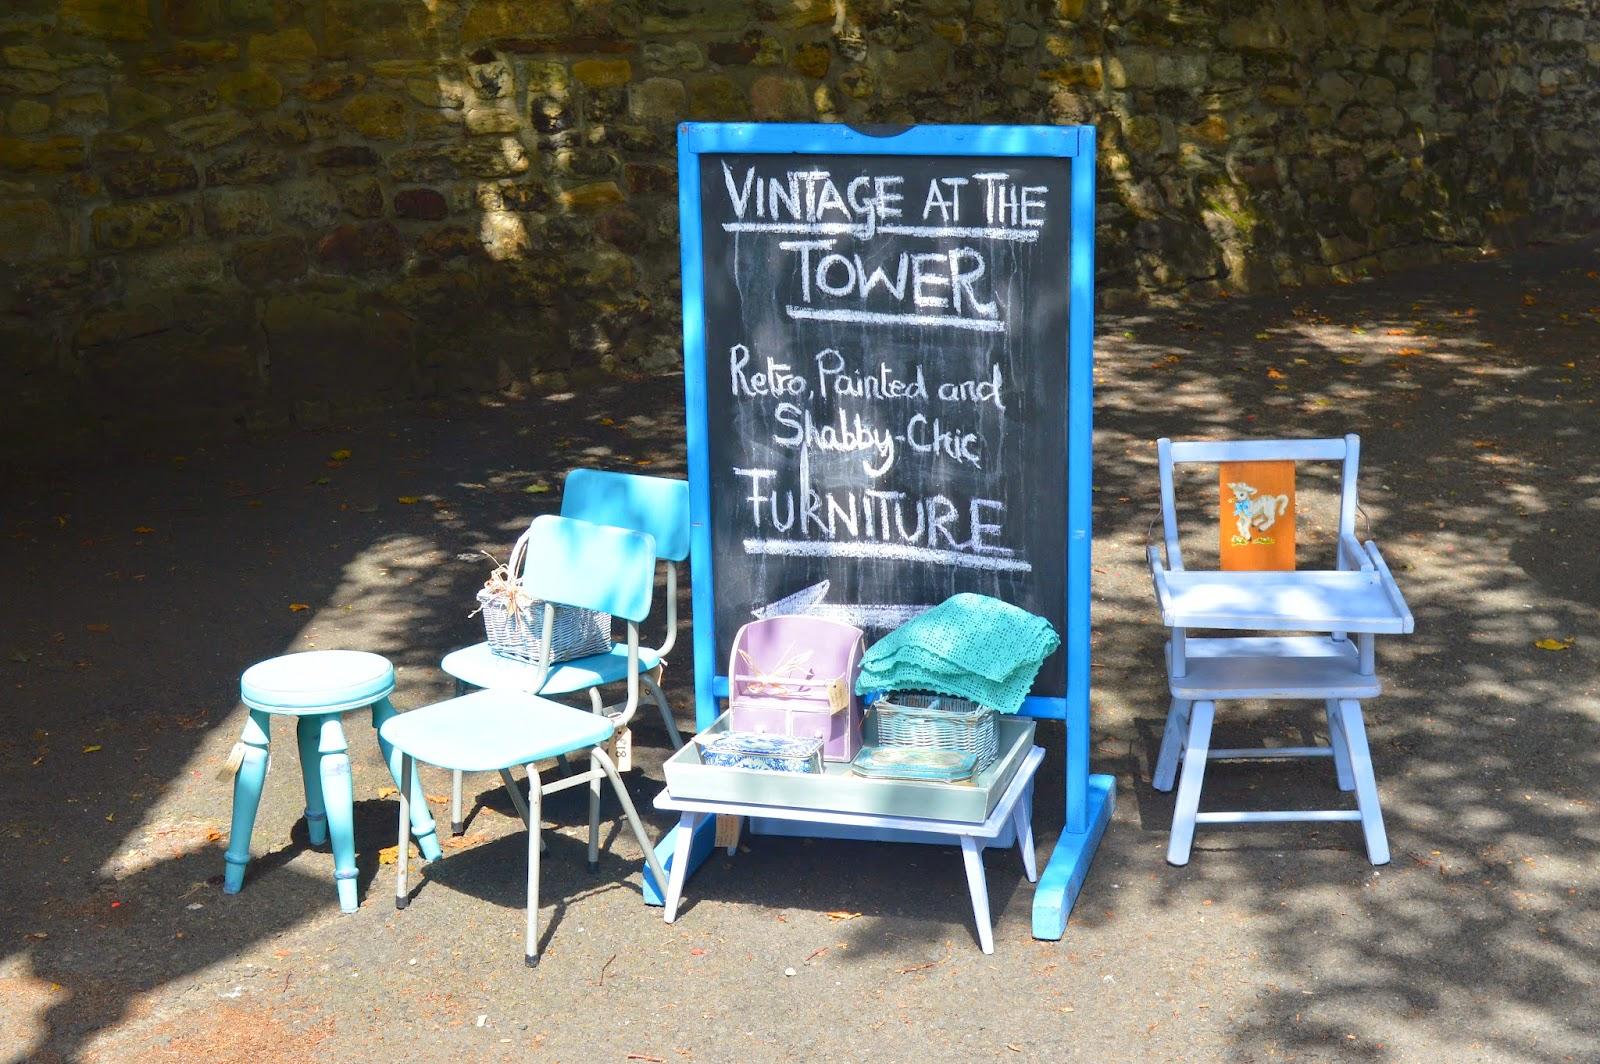 Shabby chic furniture in Corbridge, Northumberland